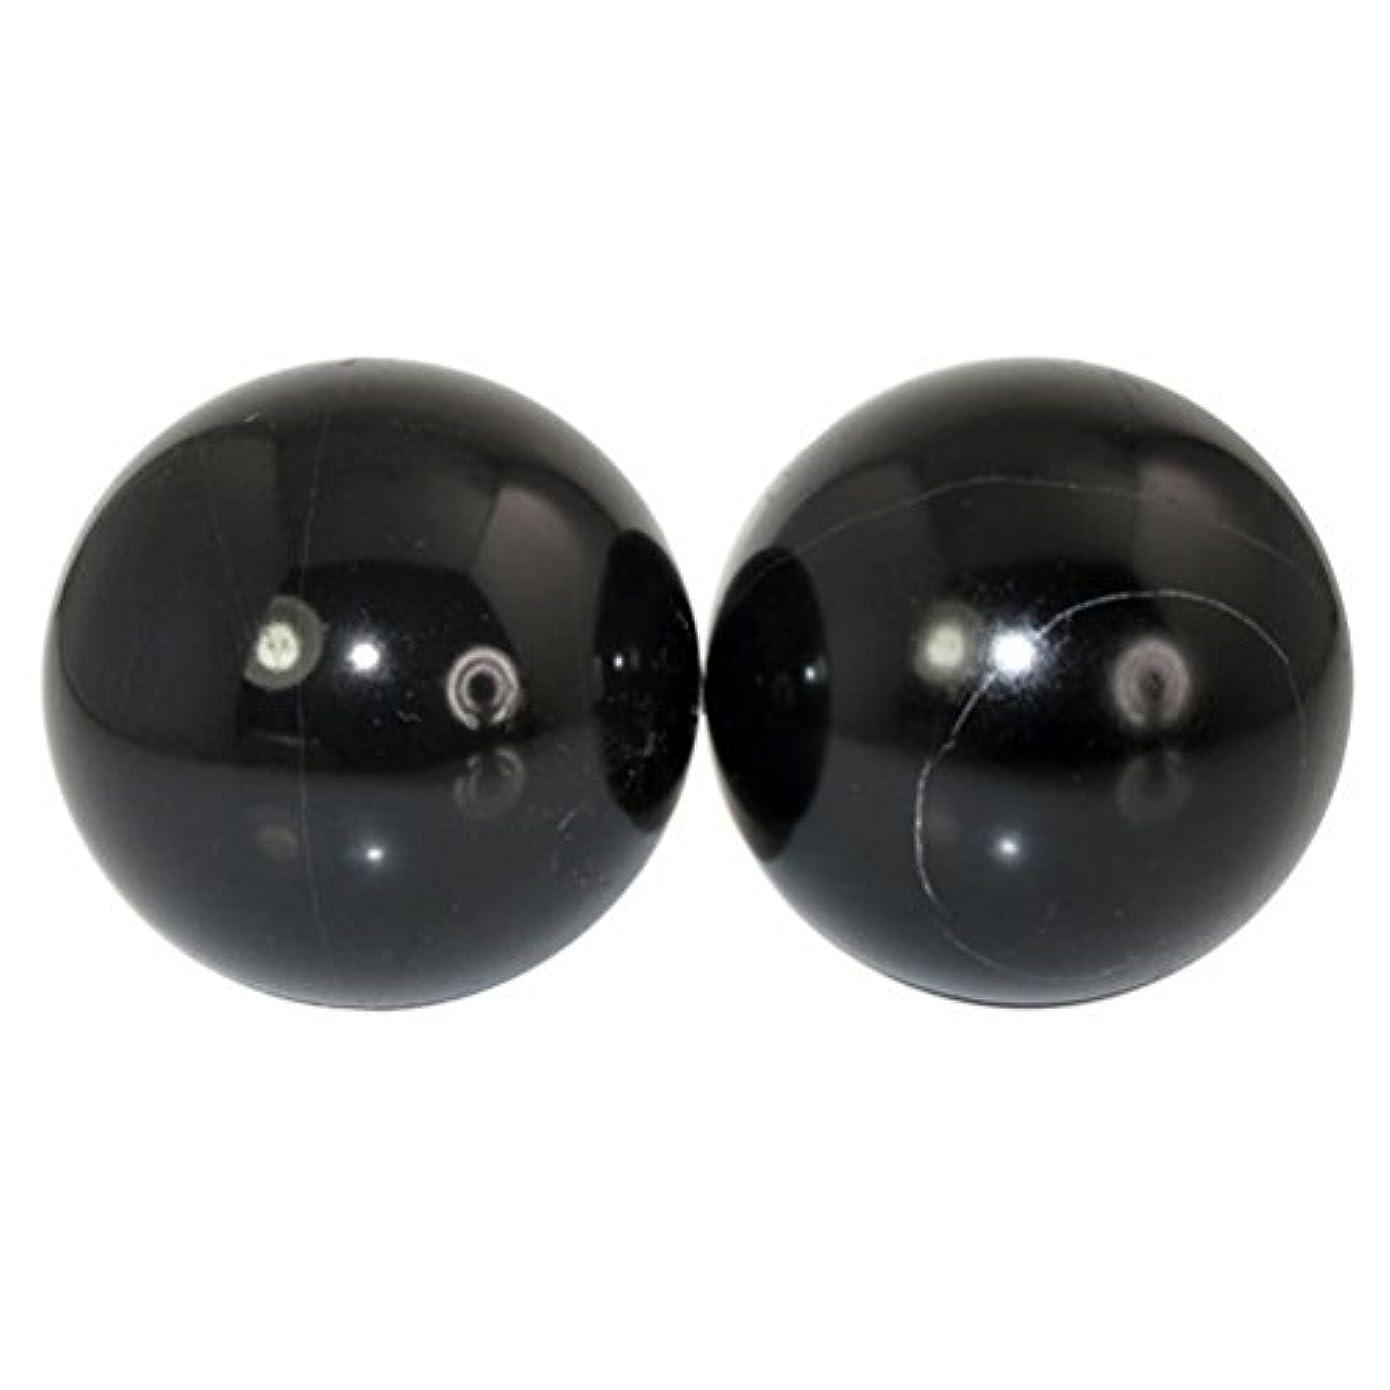 ピアノを弾くマッシュジェスチャーROSENICE 2本の天然石マッサージボール瞑想フィットネスハンドエクササイズヒーリングボール(手治療用)ストレスレリーフ(黒)